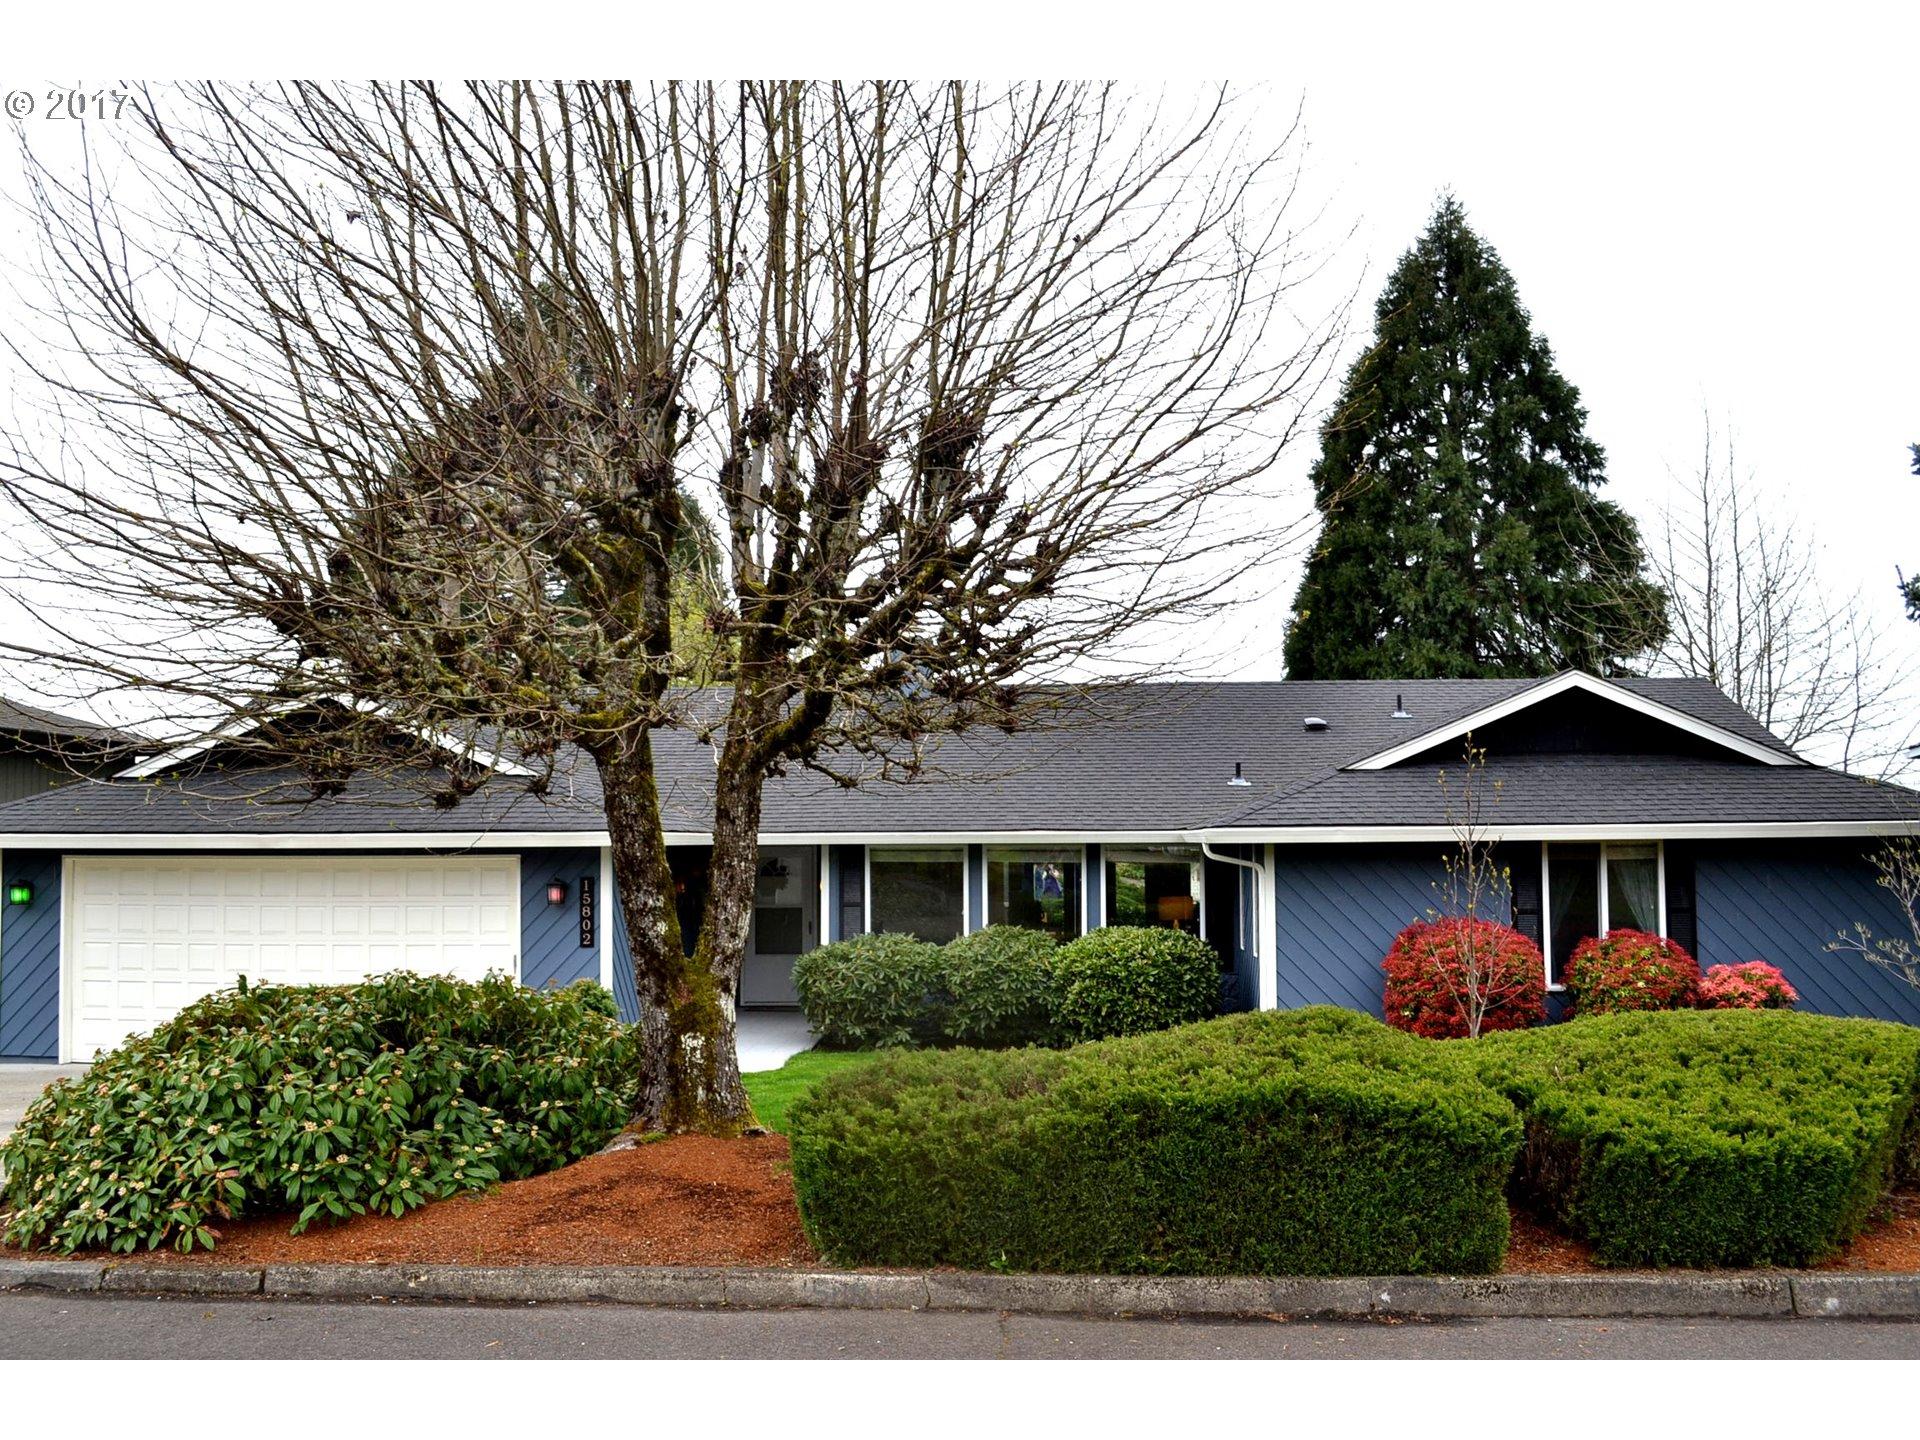 15802 NE 25TH AVE, Vancouver, WA 98686